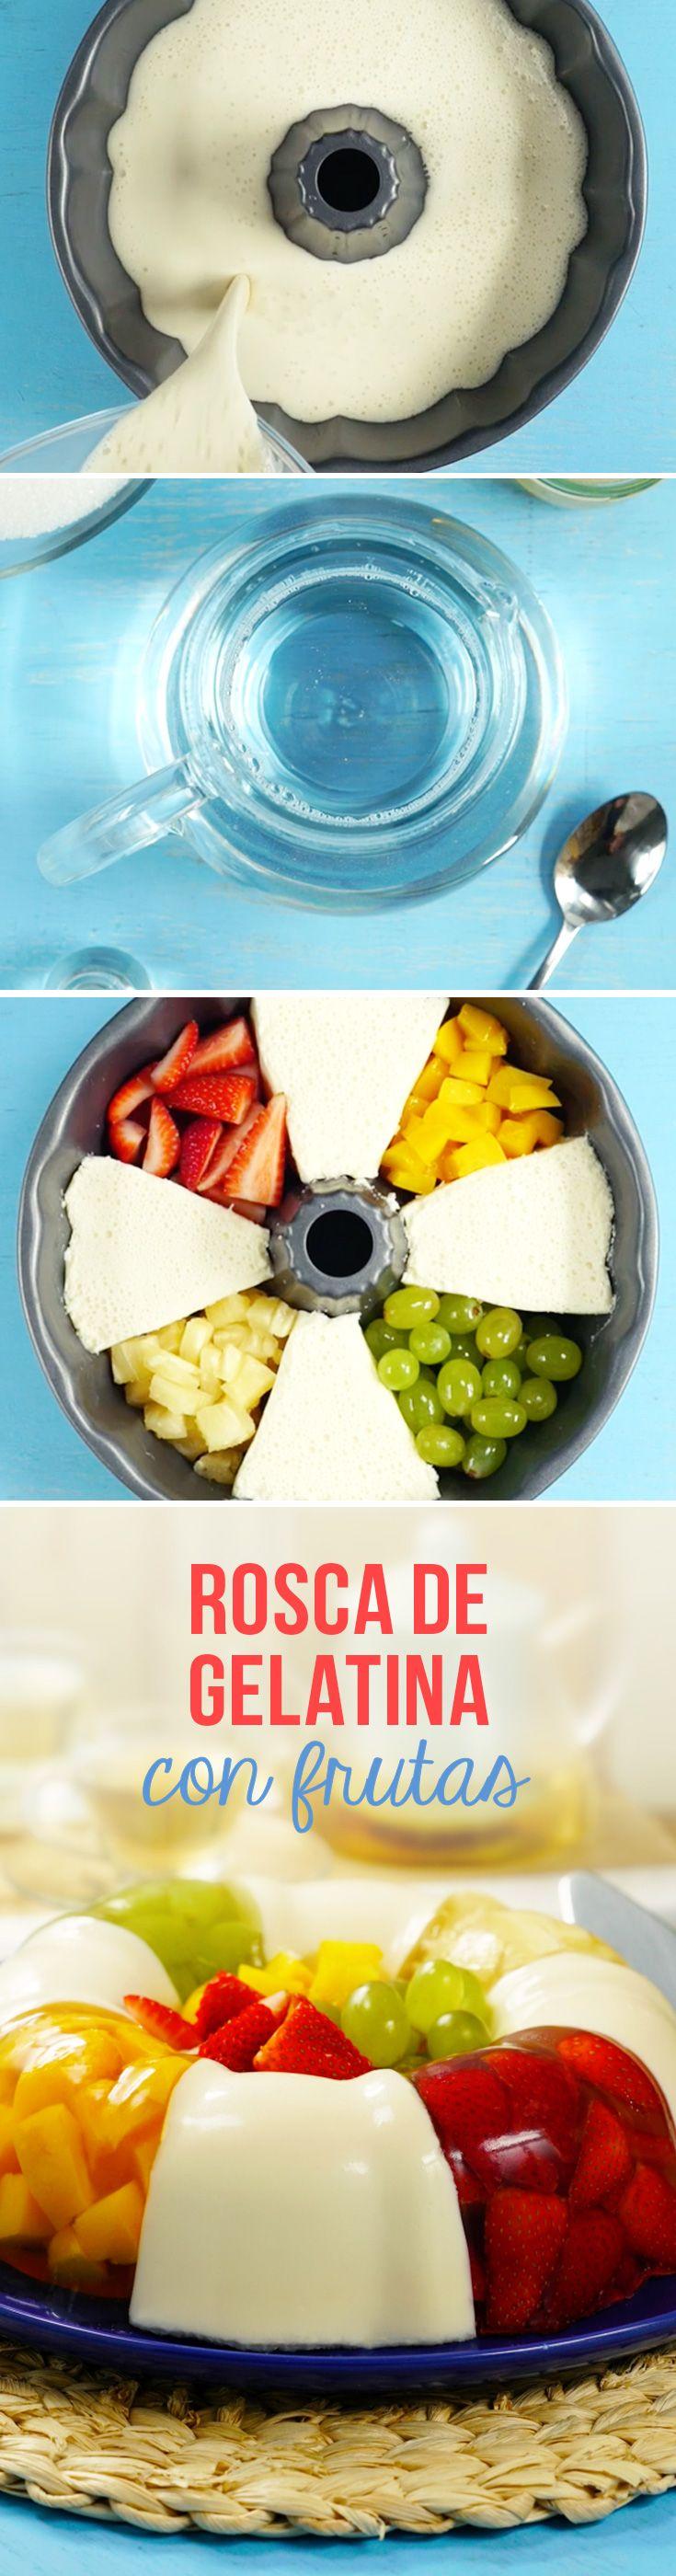 Gelatina de leche con frutas en forma de rosca. Sigue el paso a paso para preparar esta receta de gelatina con frutas para el Día de las Madres.